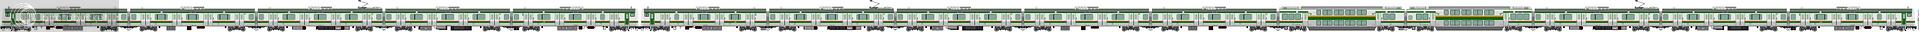 [5557] 東日本旅客鉄道 1957